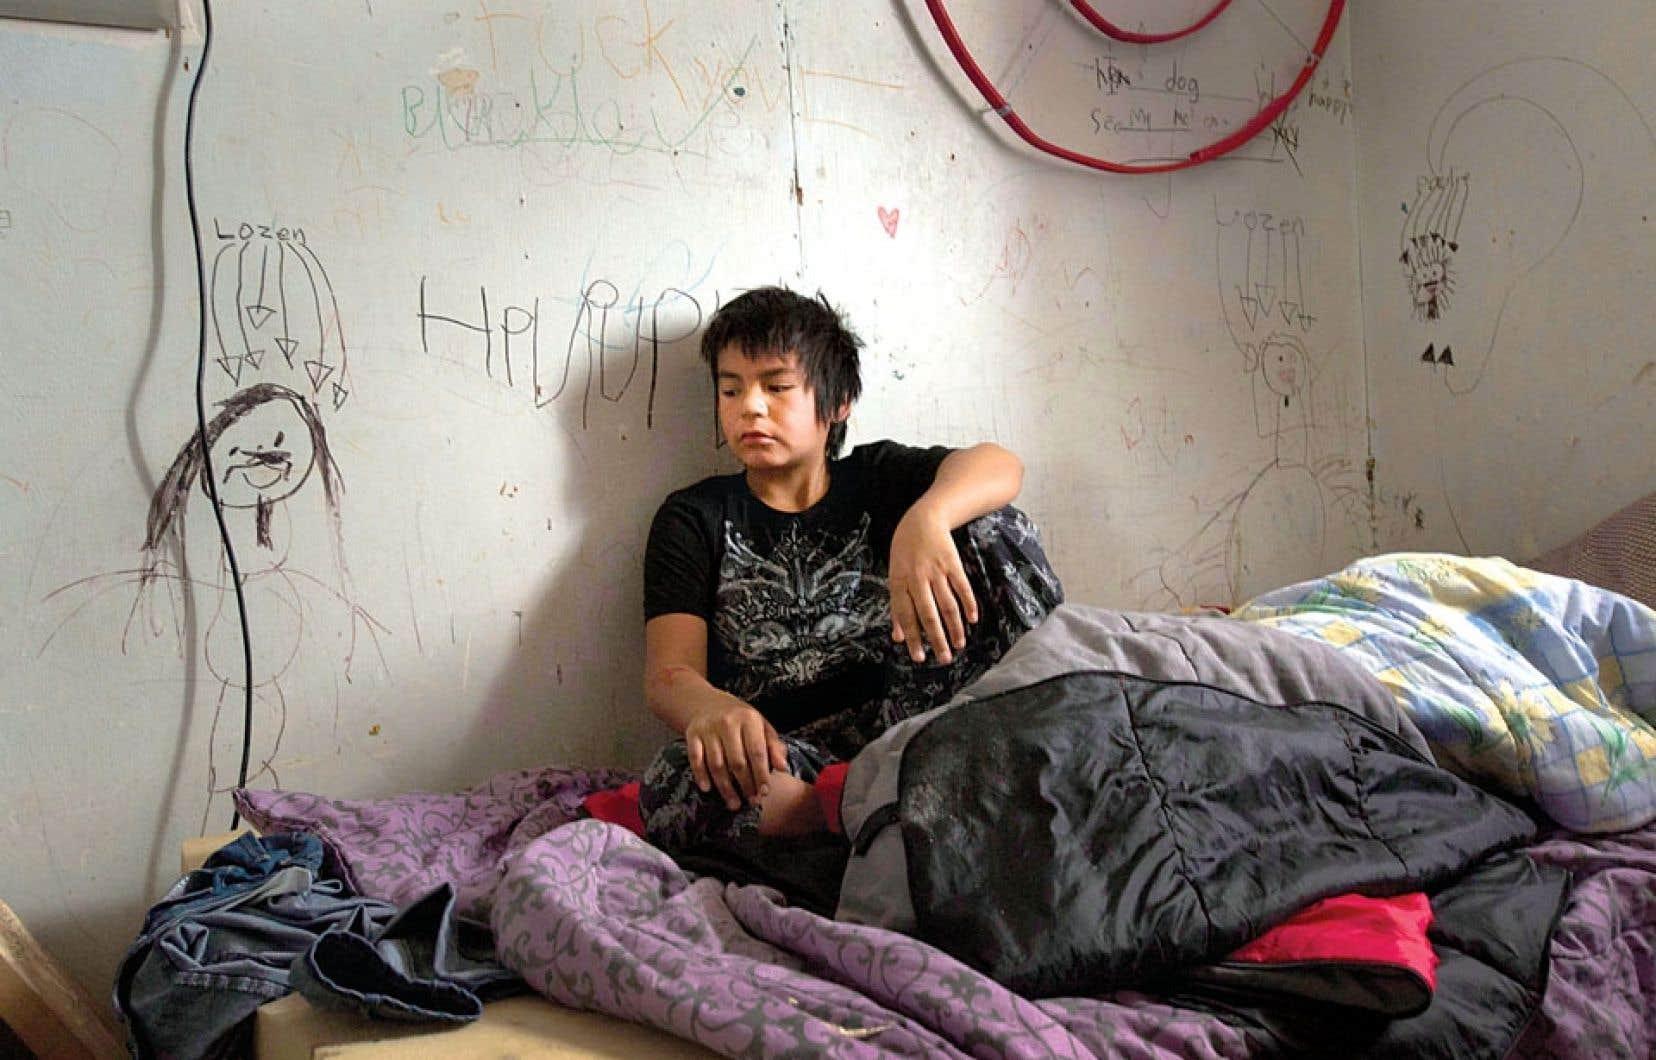 Un jeune autochtone habitant la réserve de Fort Hope, en Ontario, photographié dans sa chambre. Après avoir visité pendant neuf jours des communautés autochtones dans six provinces, le rapporteur spécial de l'ONU, James Anaya, a dressé un portrait très sombre de la situation. Au Canada, « les peuples autochtones vivent dans des conditions comparables à celles des pays qui arrivent plus bas dans ce classement et où la pauvreté abonde », a-t-il dit.